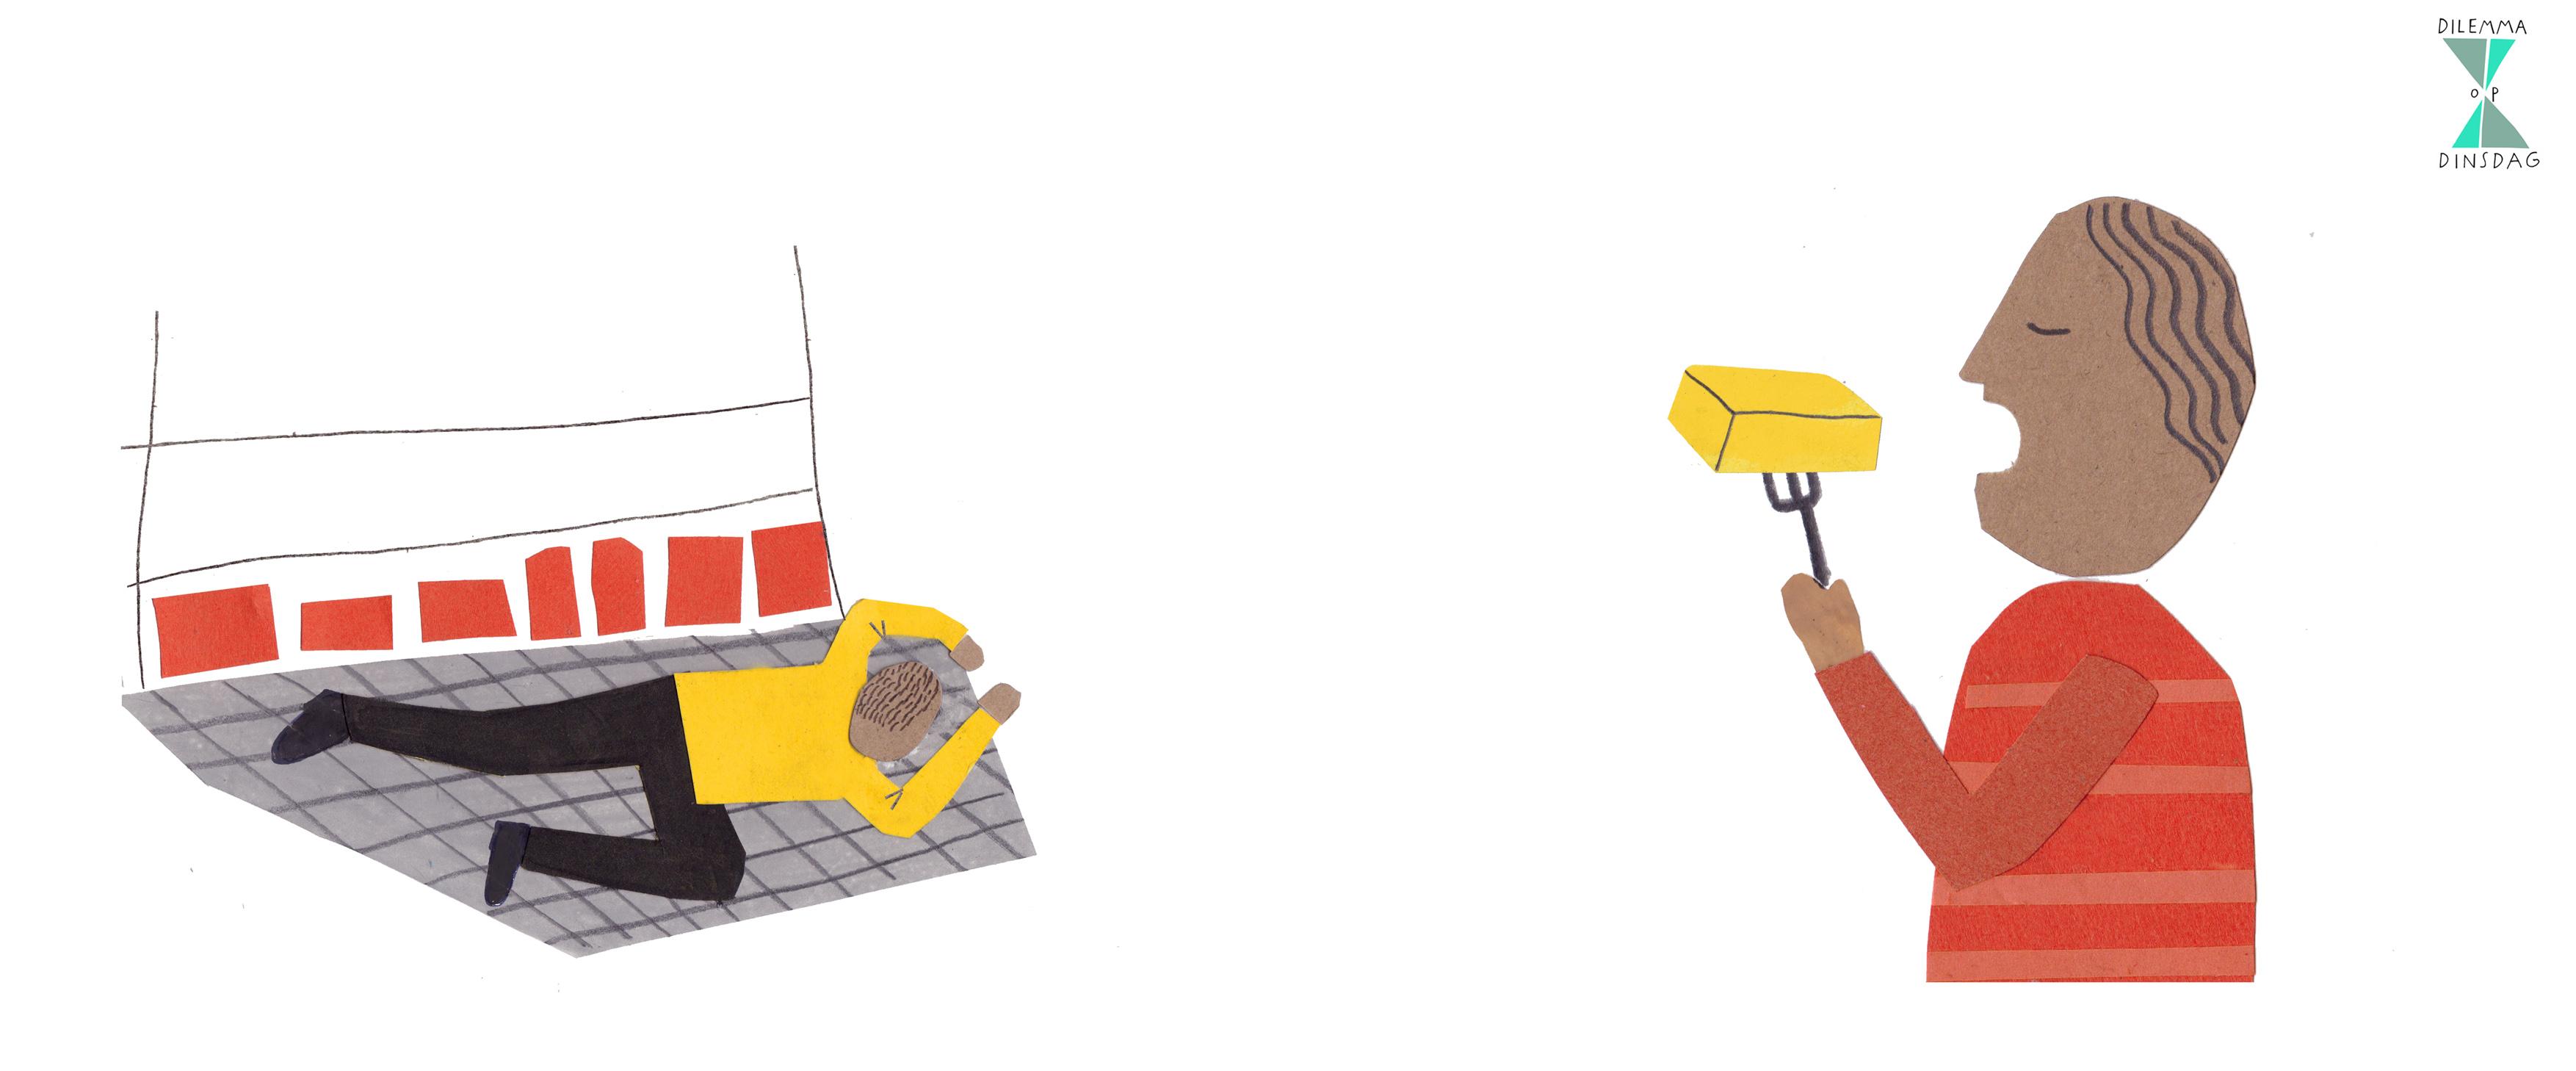 #324 je mag alleen spullen van de onderste plank in de winkel kopen -OF- je moet een pakje boter in één keer opeten